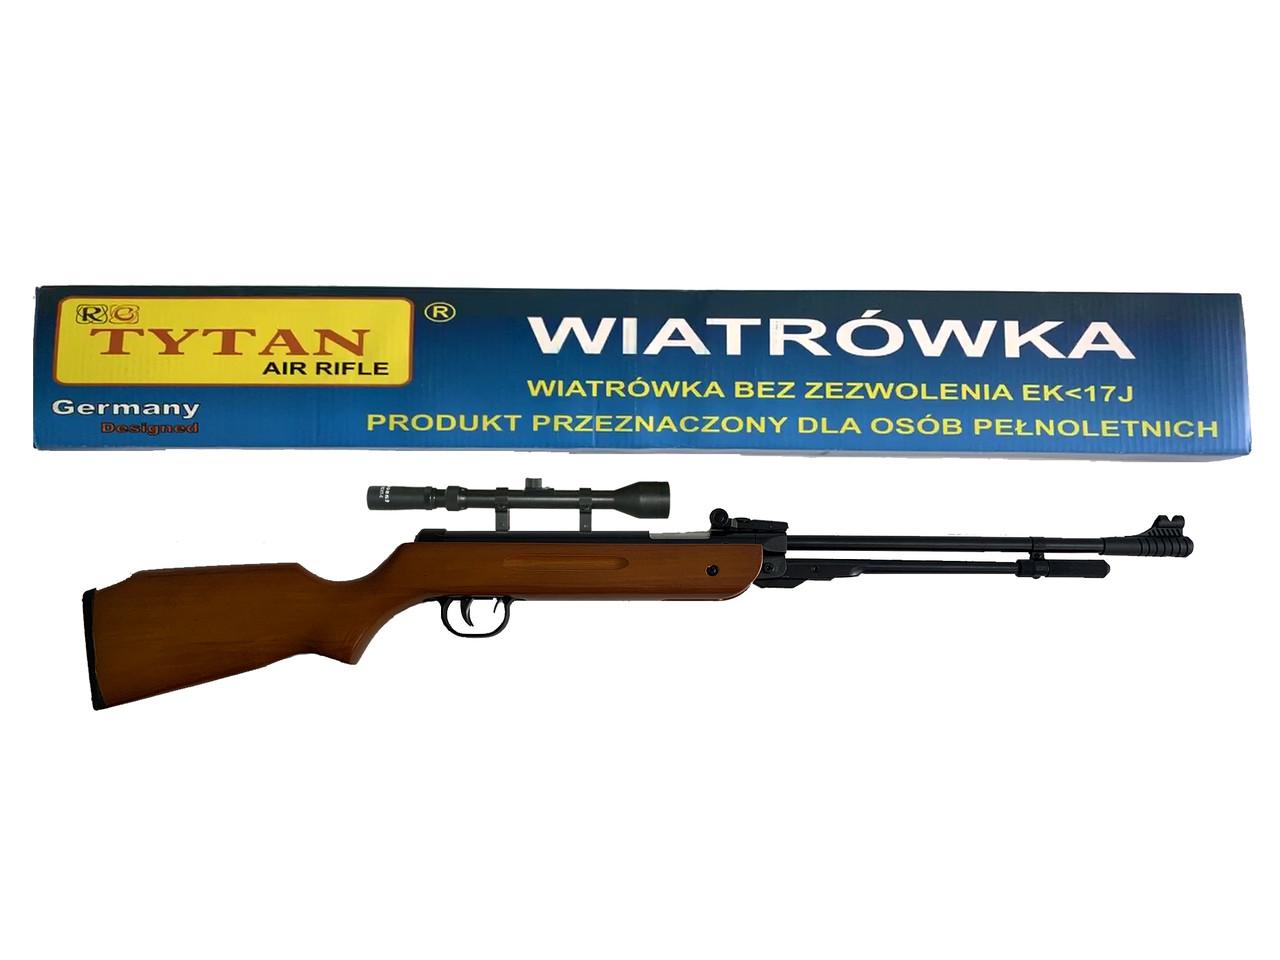 Пневматична гвинтівка TYTAN B3-3 оптика 3-7x28TV